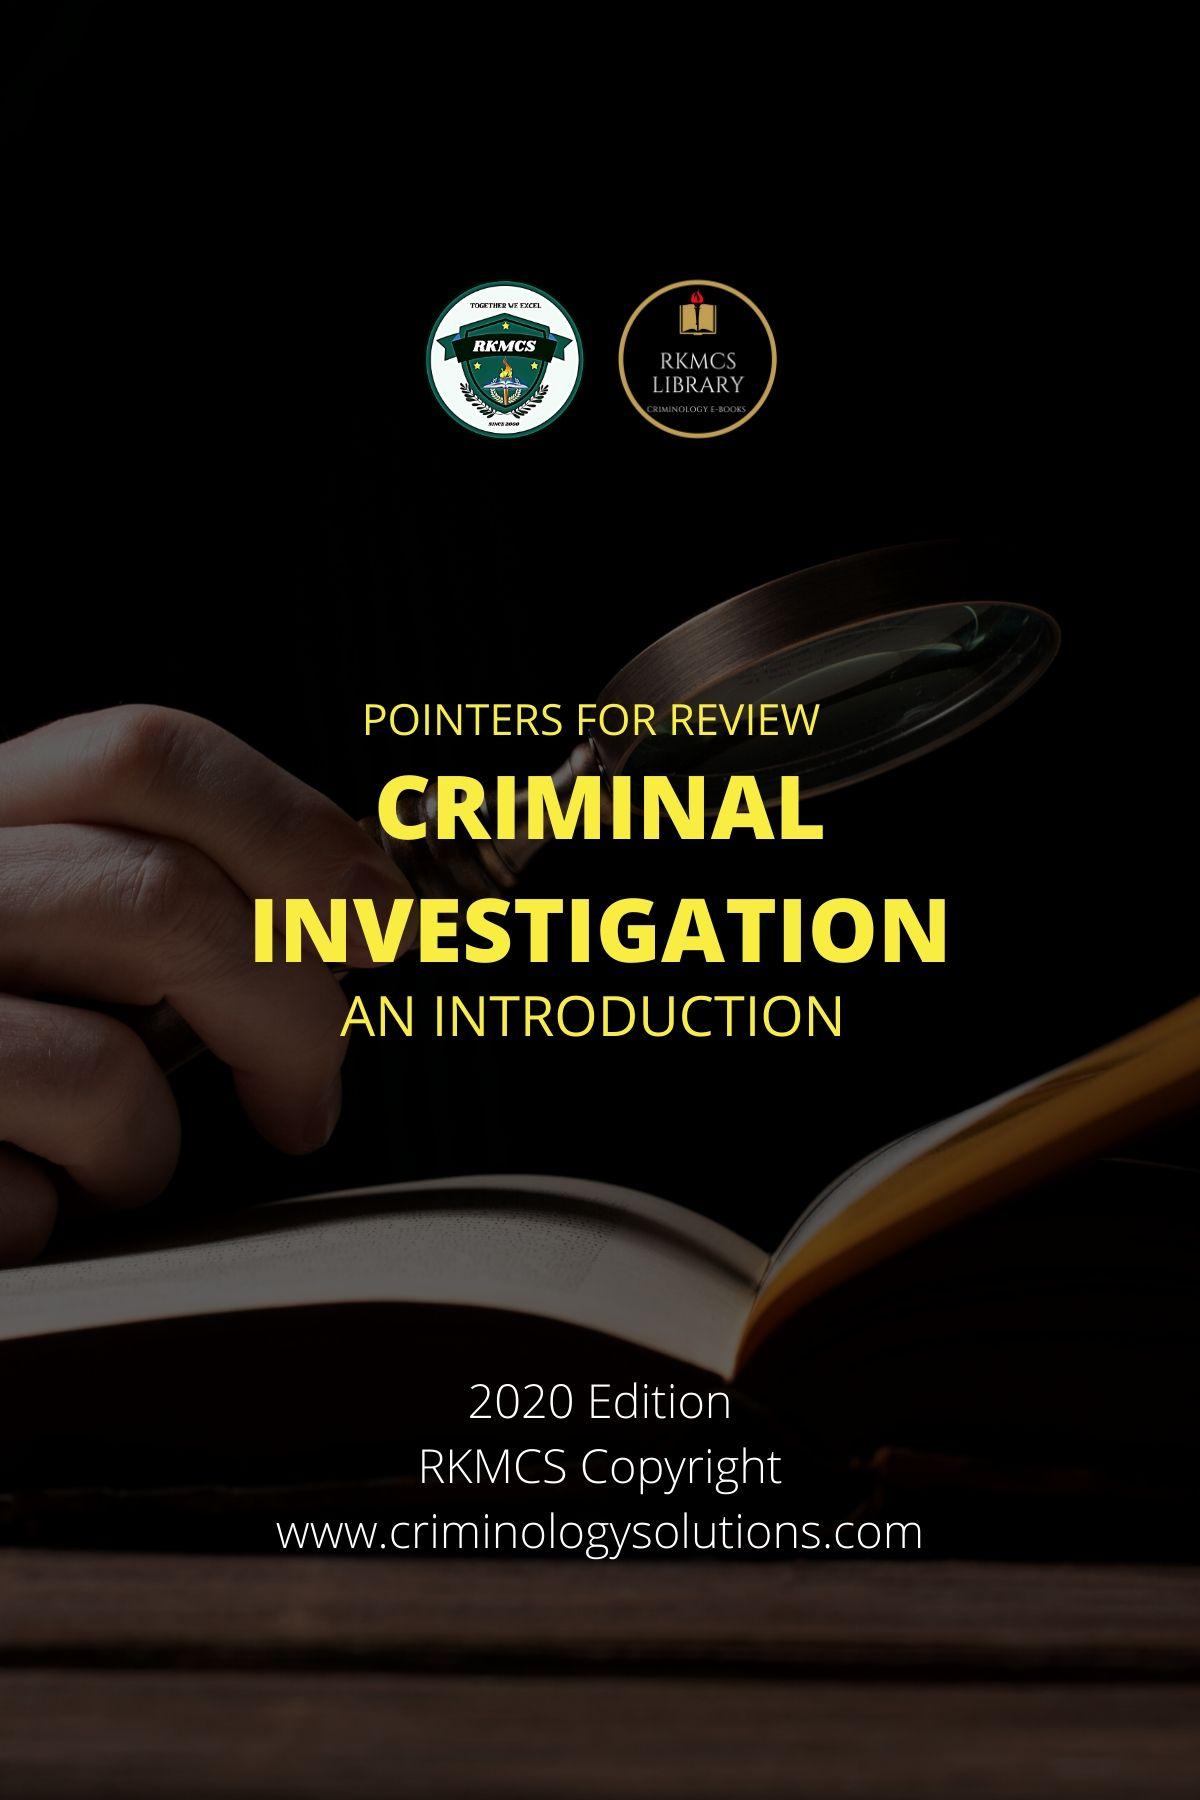 INTRO CRIMINAL INVEST